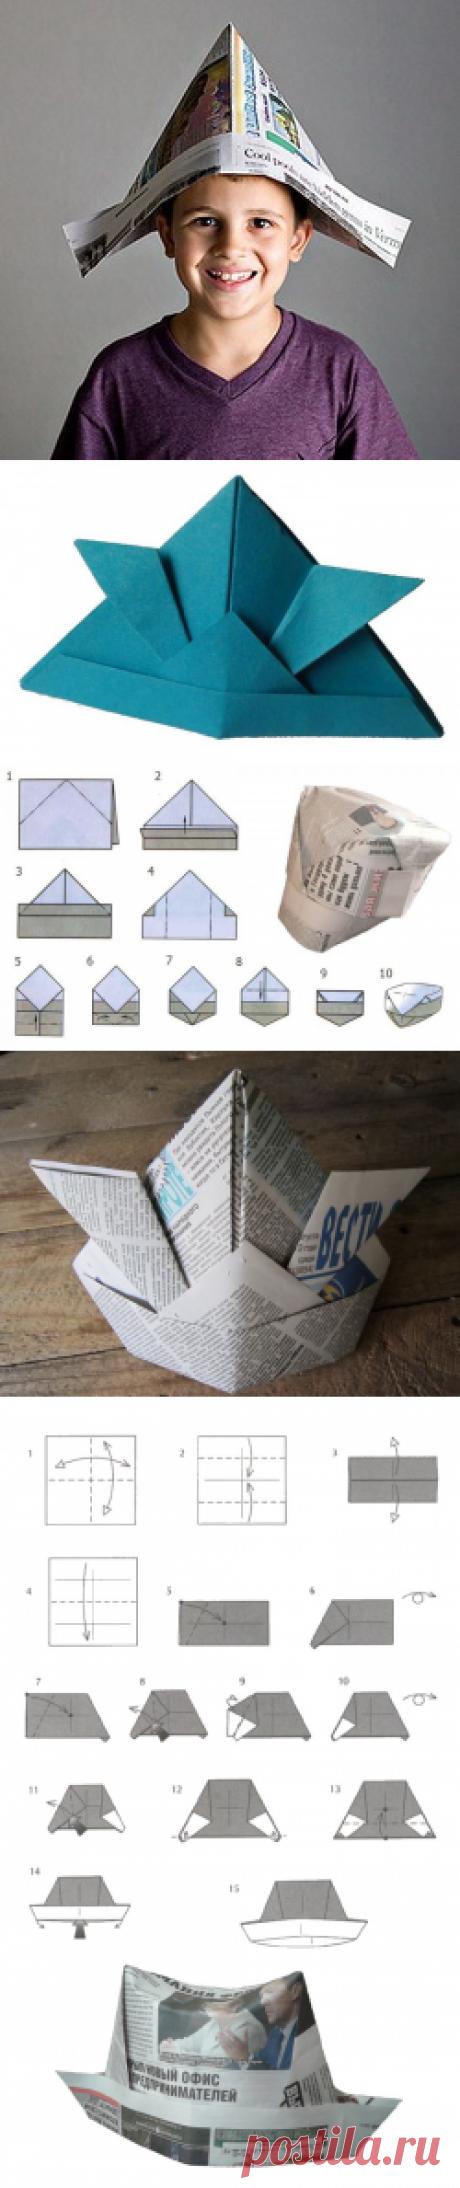 Делаем сами шапку из бумаги